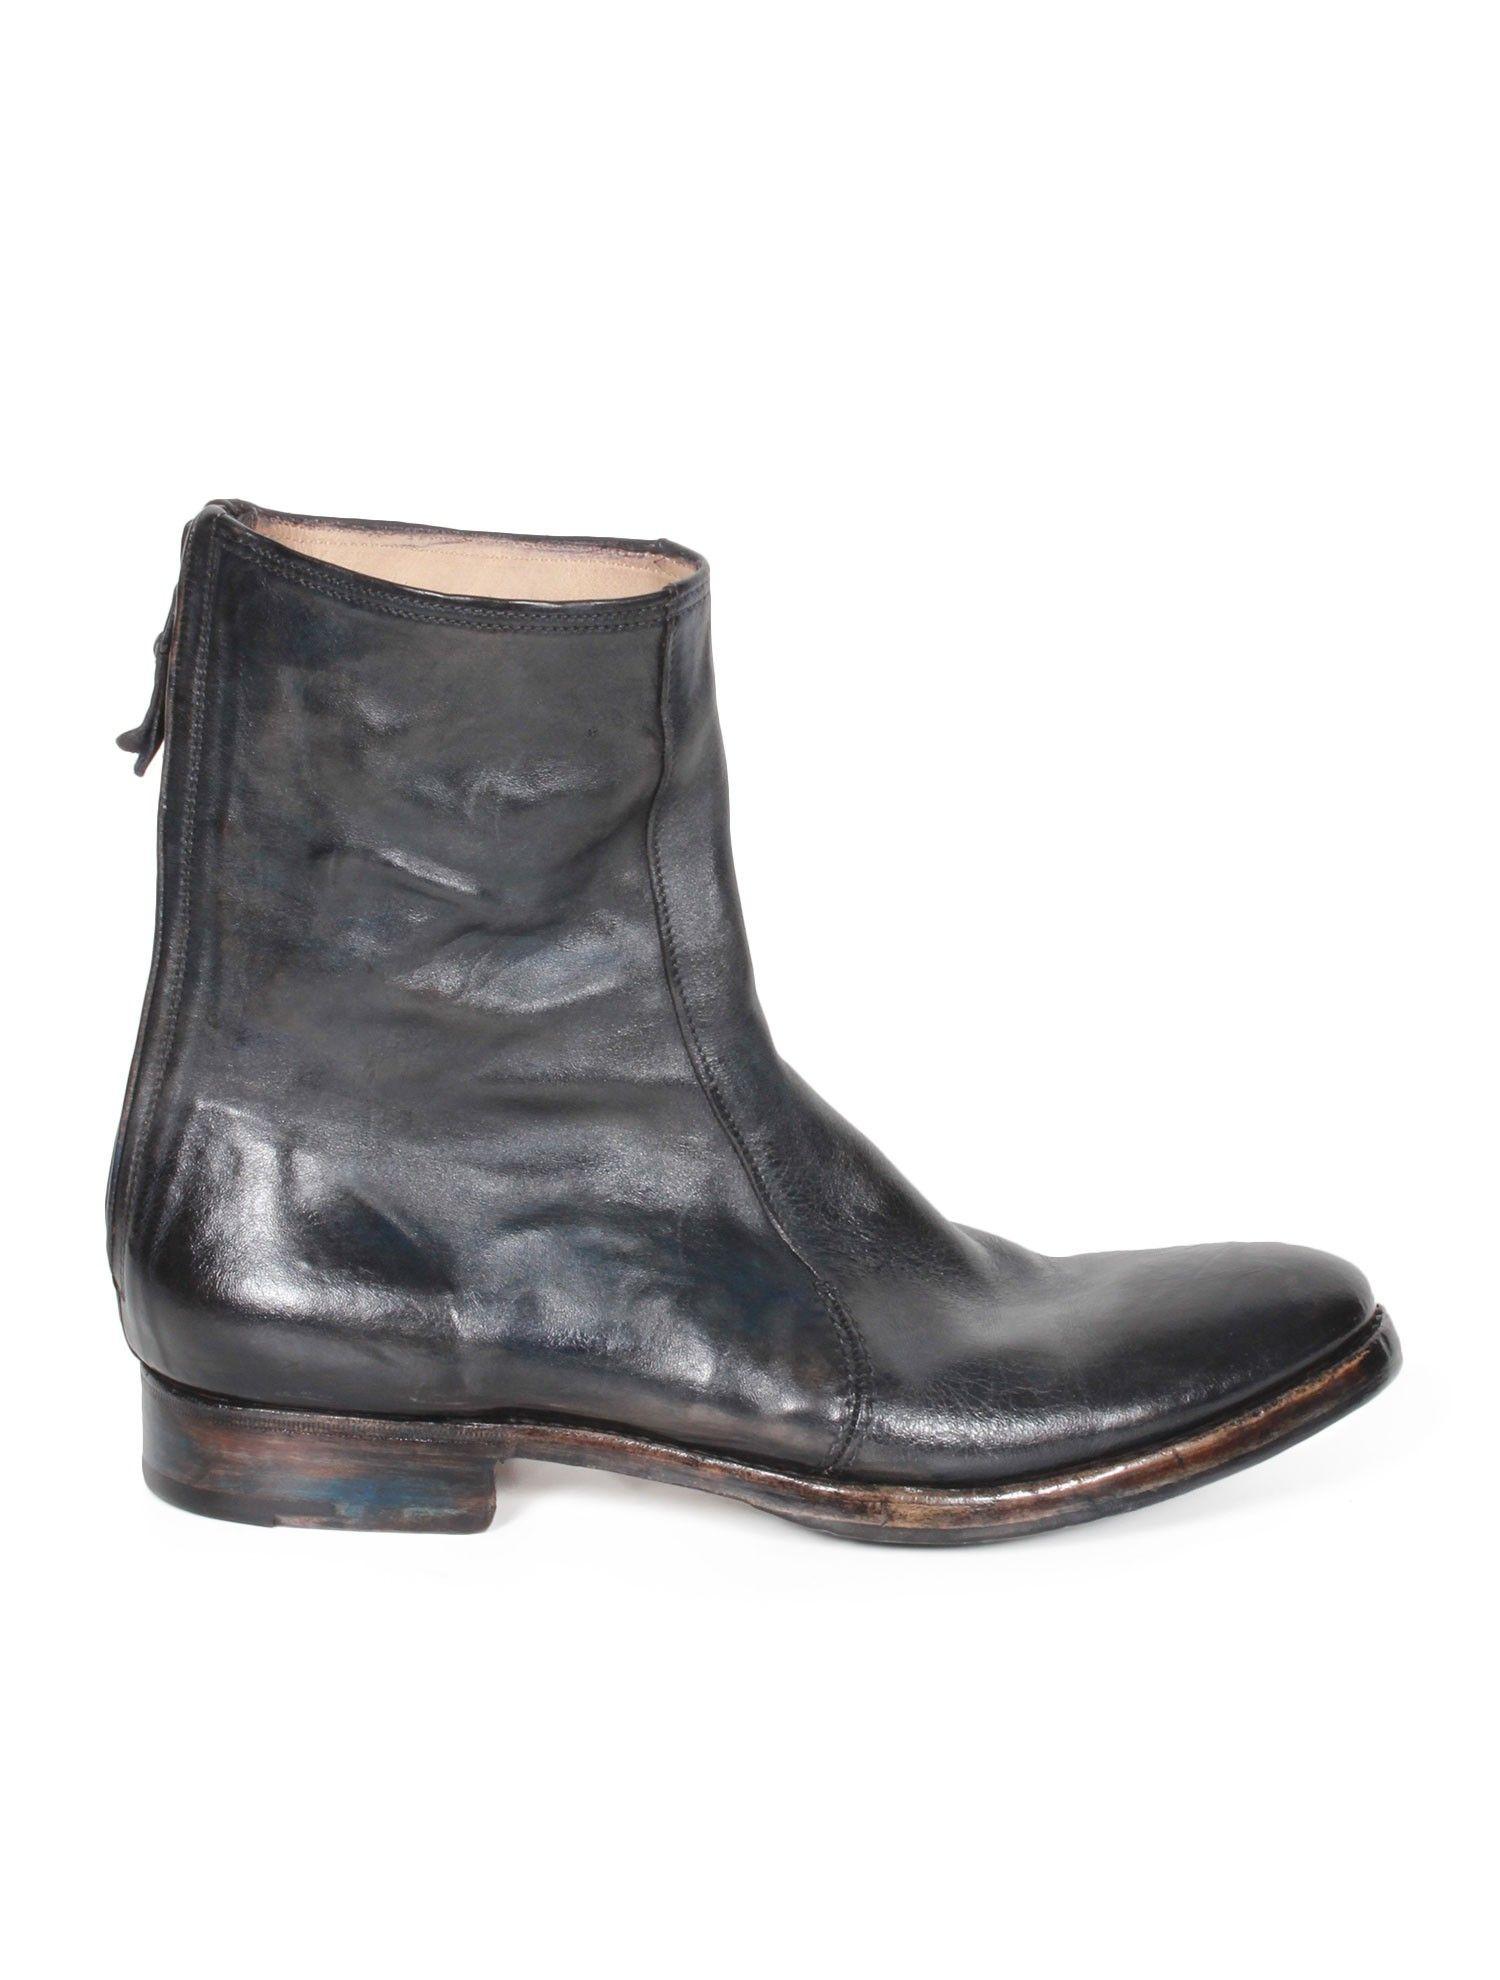 Chaussures - Bottes Premiata tk7erERQa